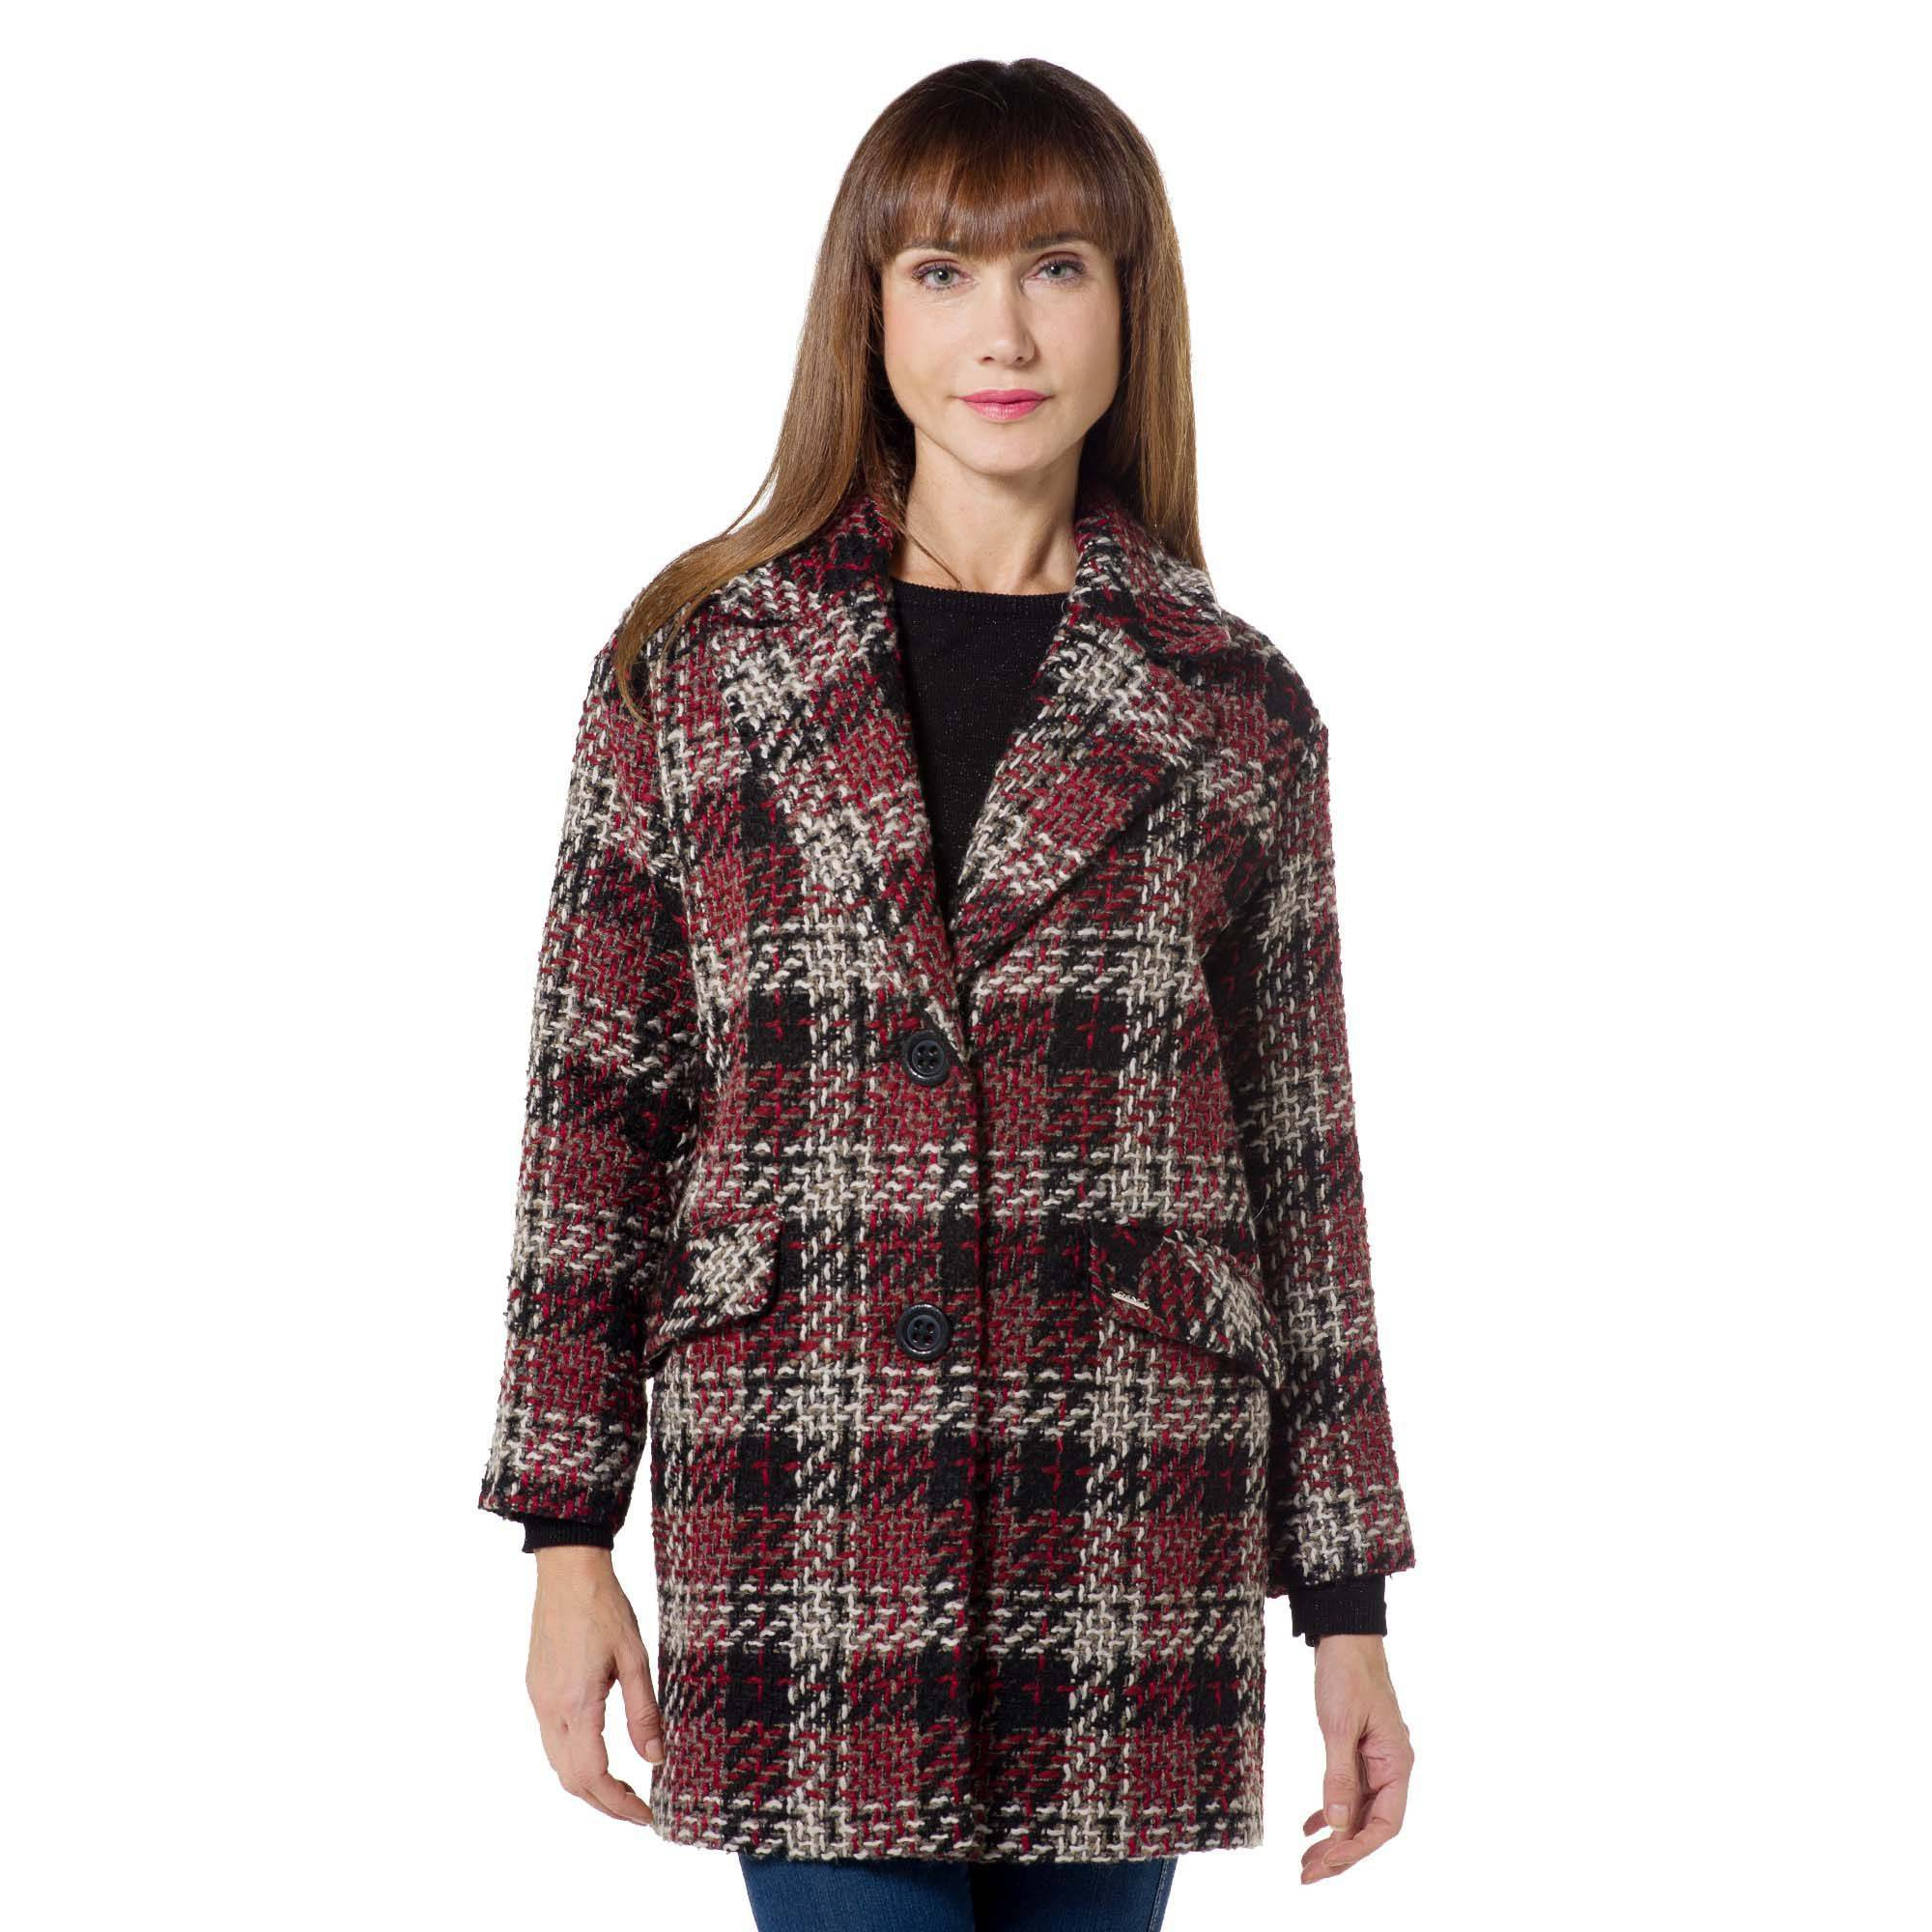 Officina della Moda Giaccone monopetto in misto lana con fantasia a quadri